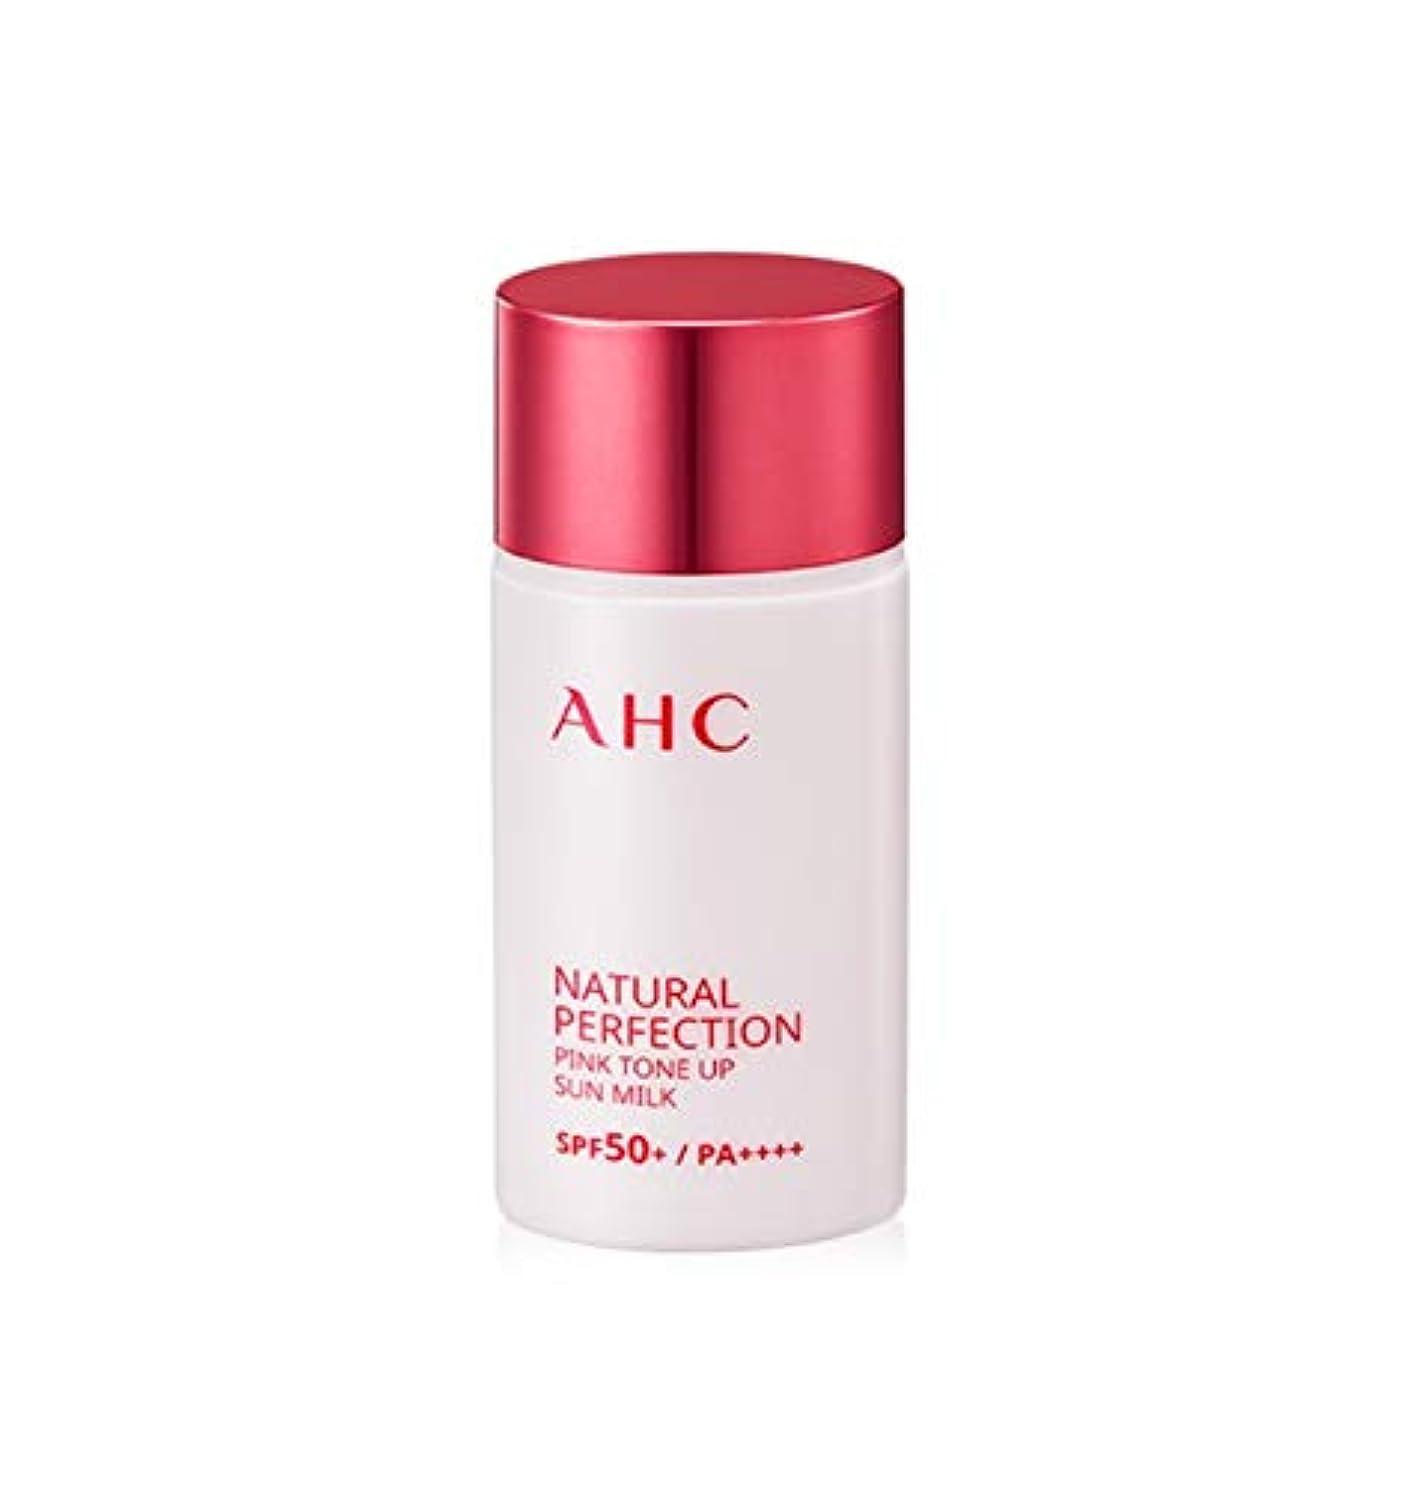 友情プランテーション入植者AHC ナチュラルパーフェクションピンクトンオプ線ミルク 40ml / AHC NATURAL PERFECTION PINK TONE UP SUN MILK 40ml [並行輸入品]